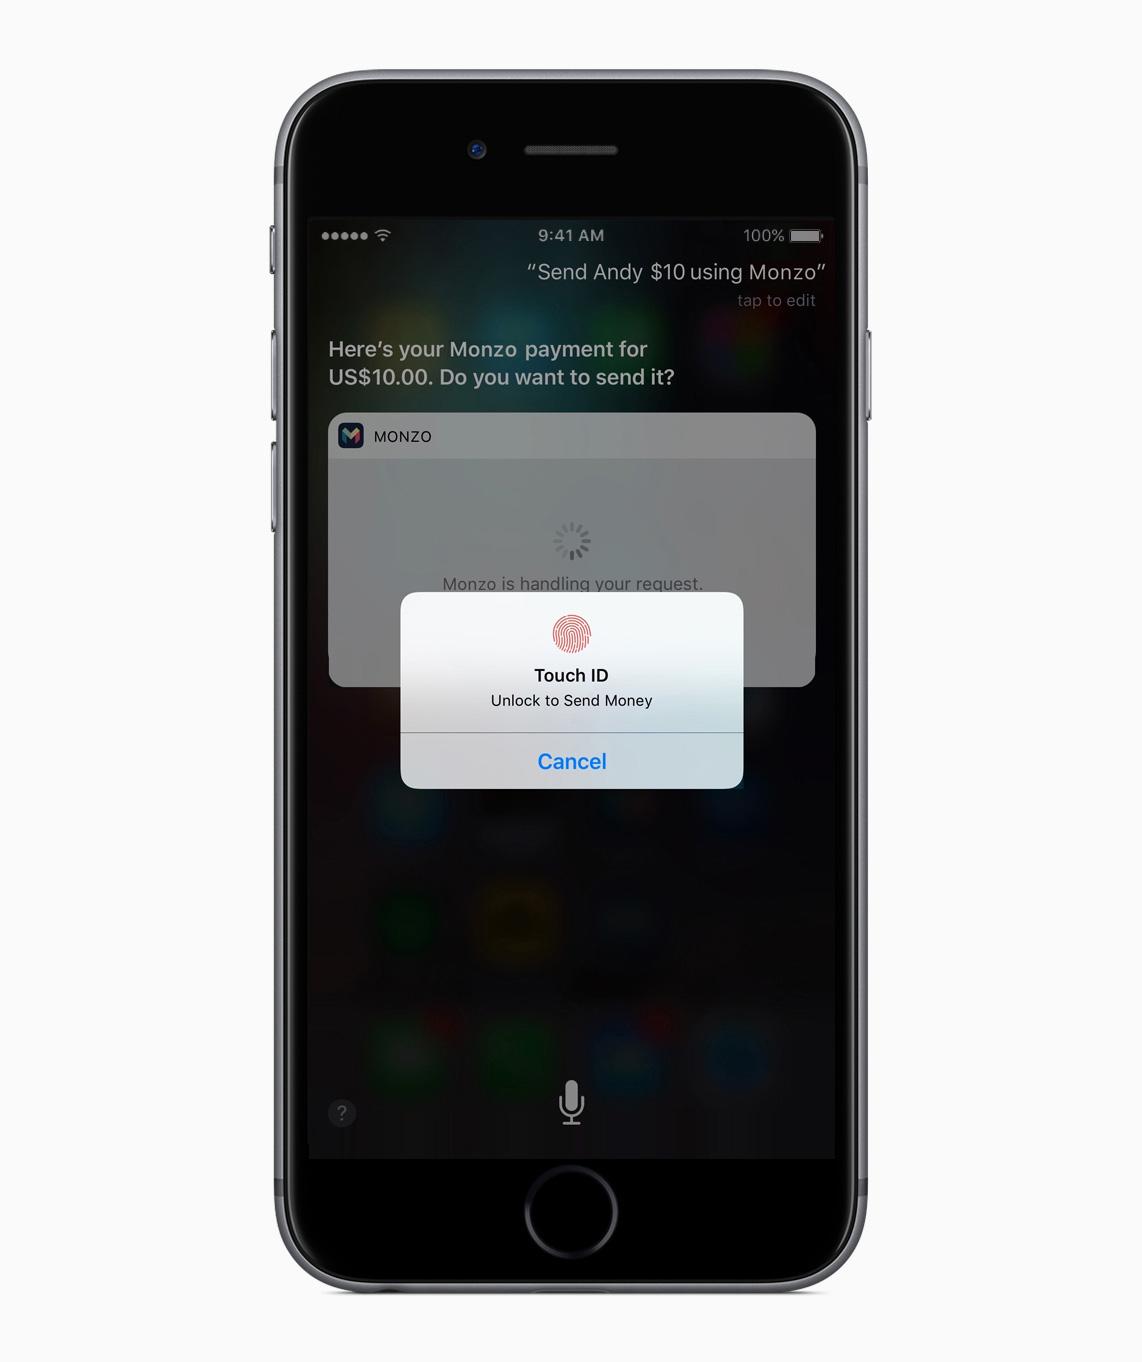 Integração da Siri com o app Monzo